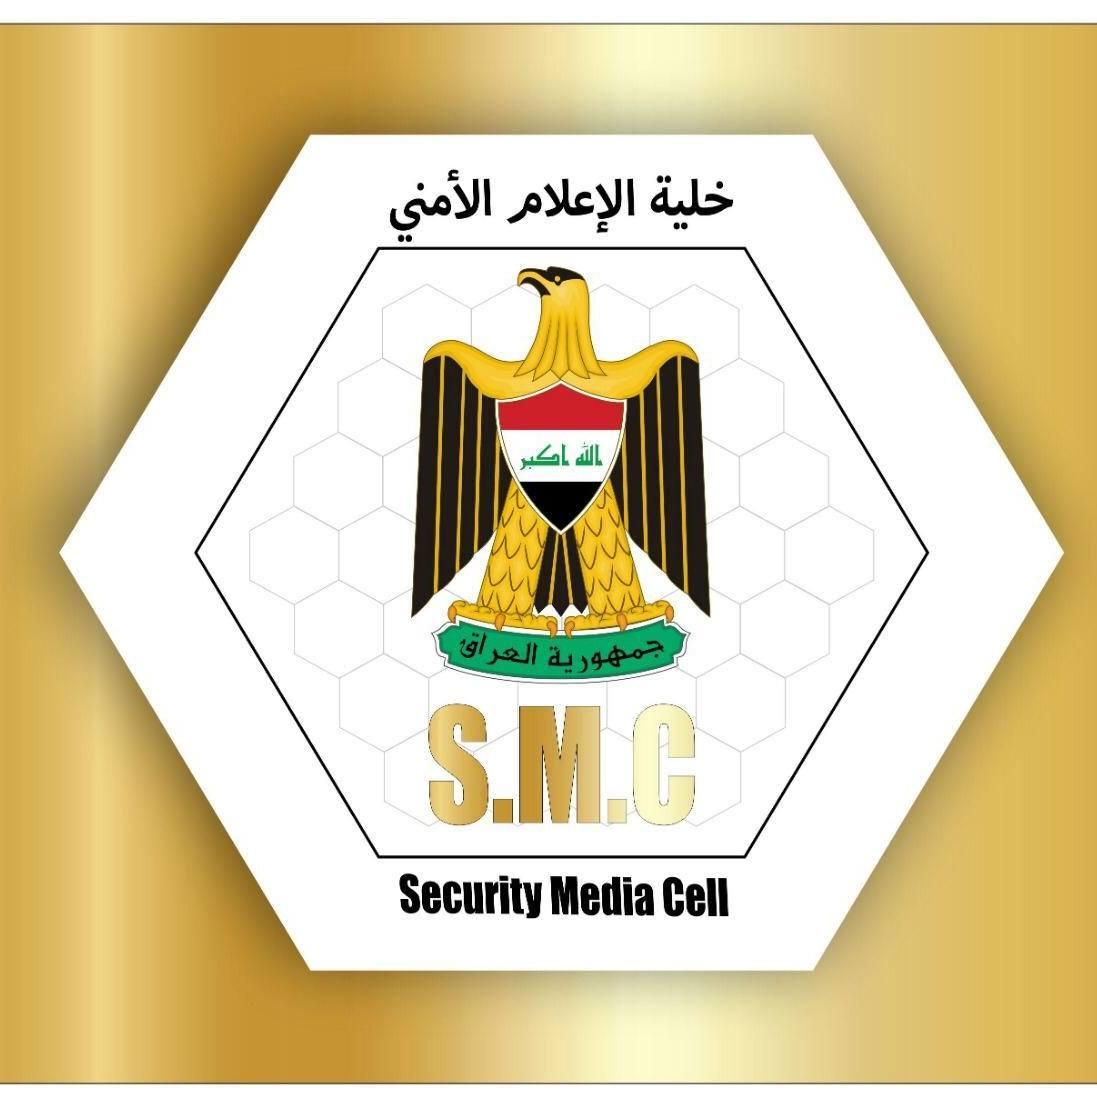 القبض على اربعة ارهابيين في نينوى